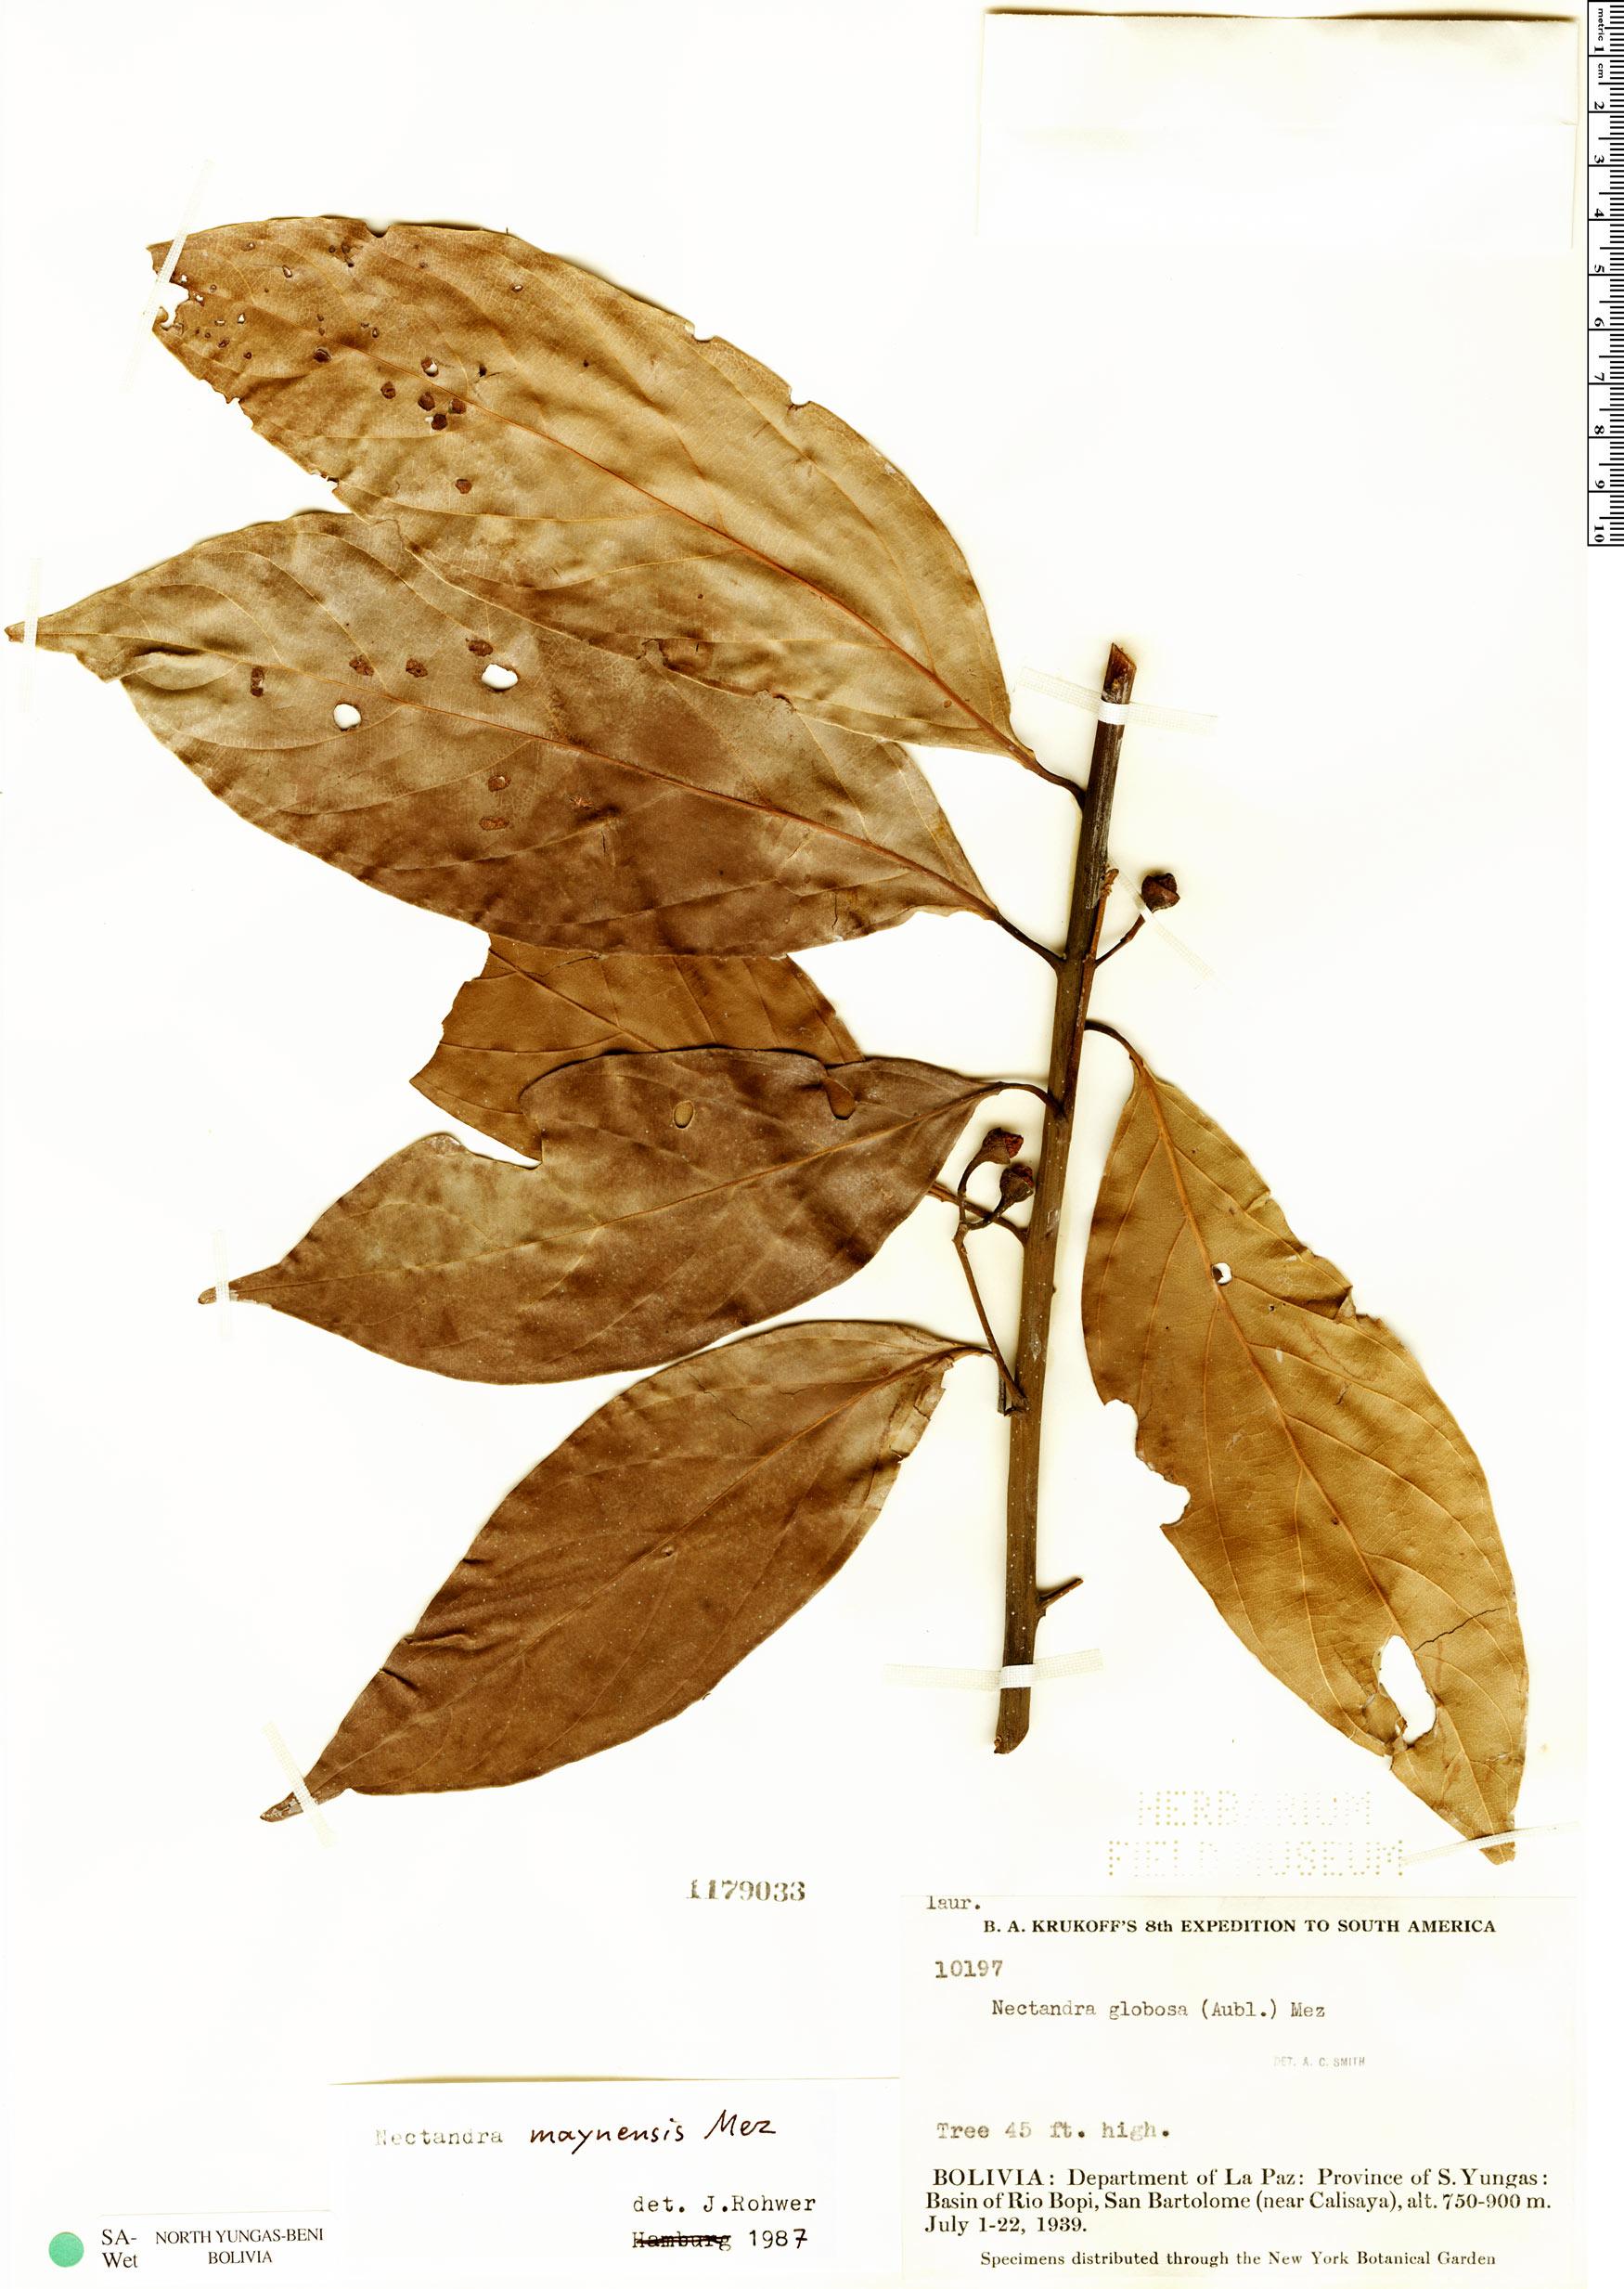 Specimen: Nectandra maynensis